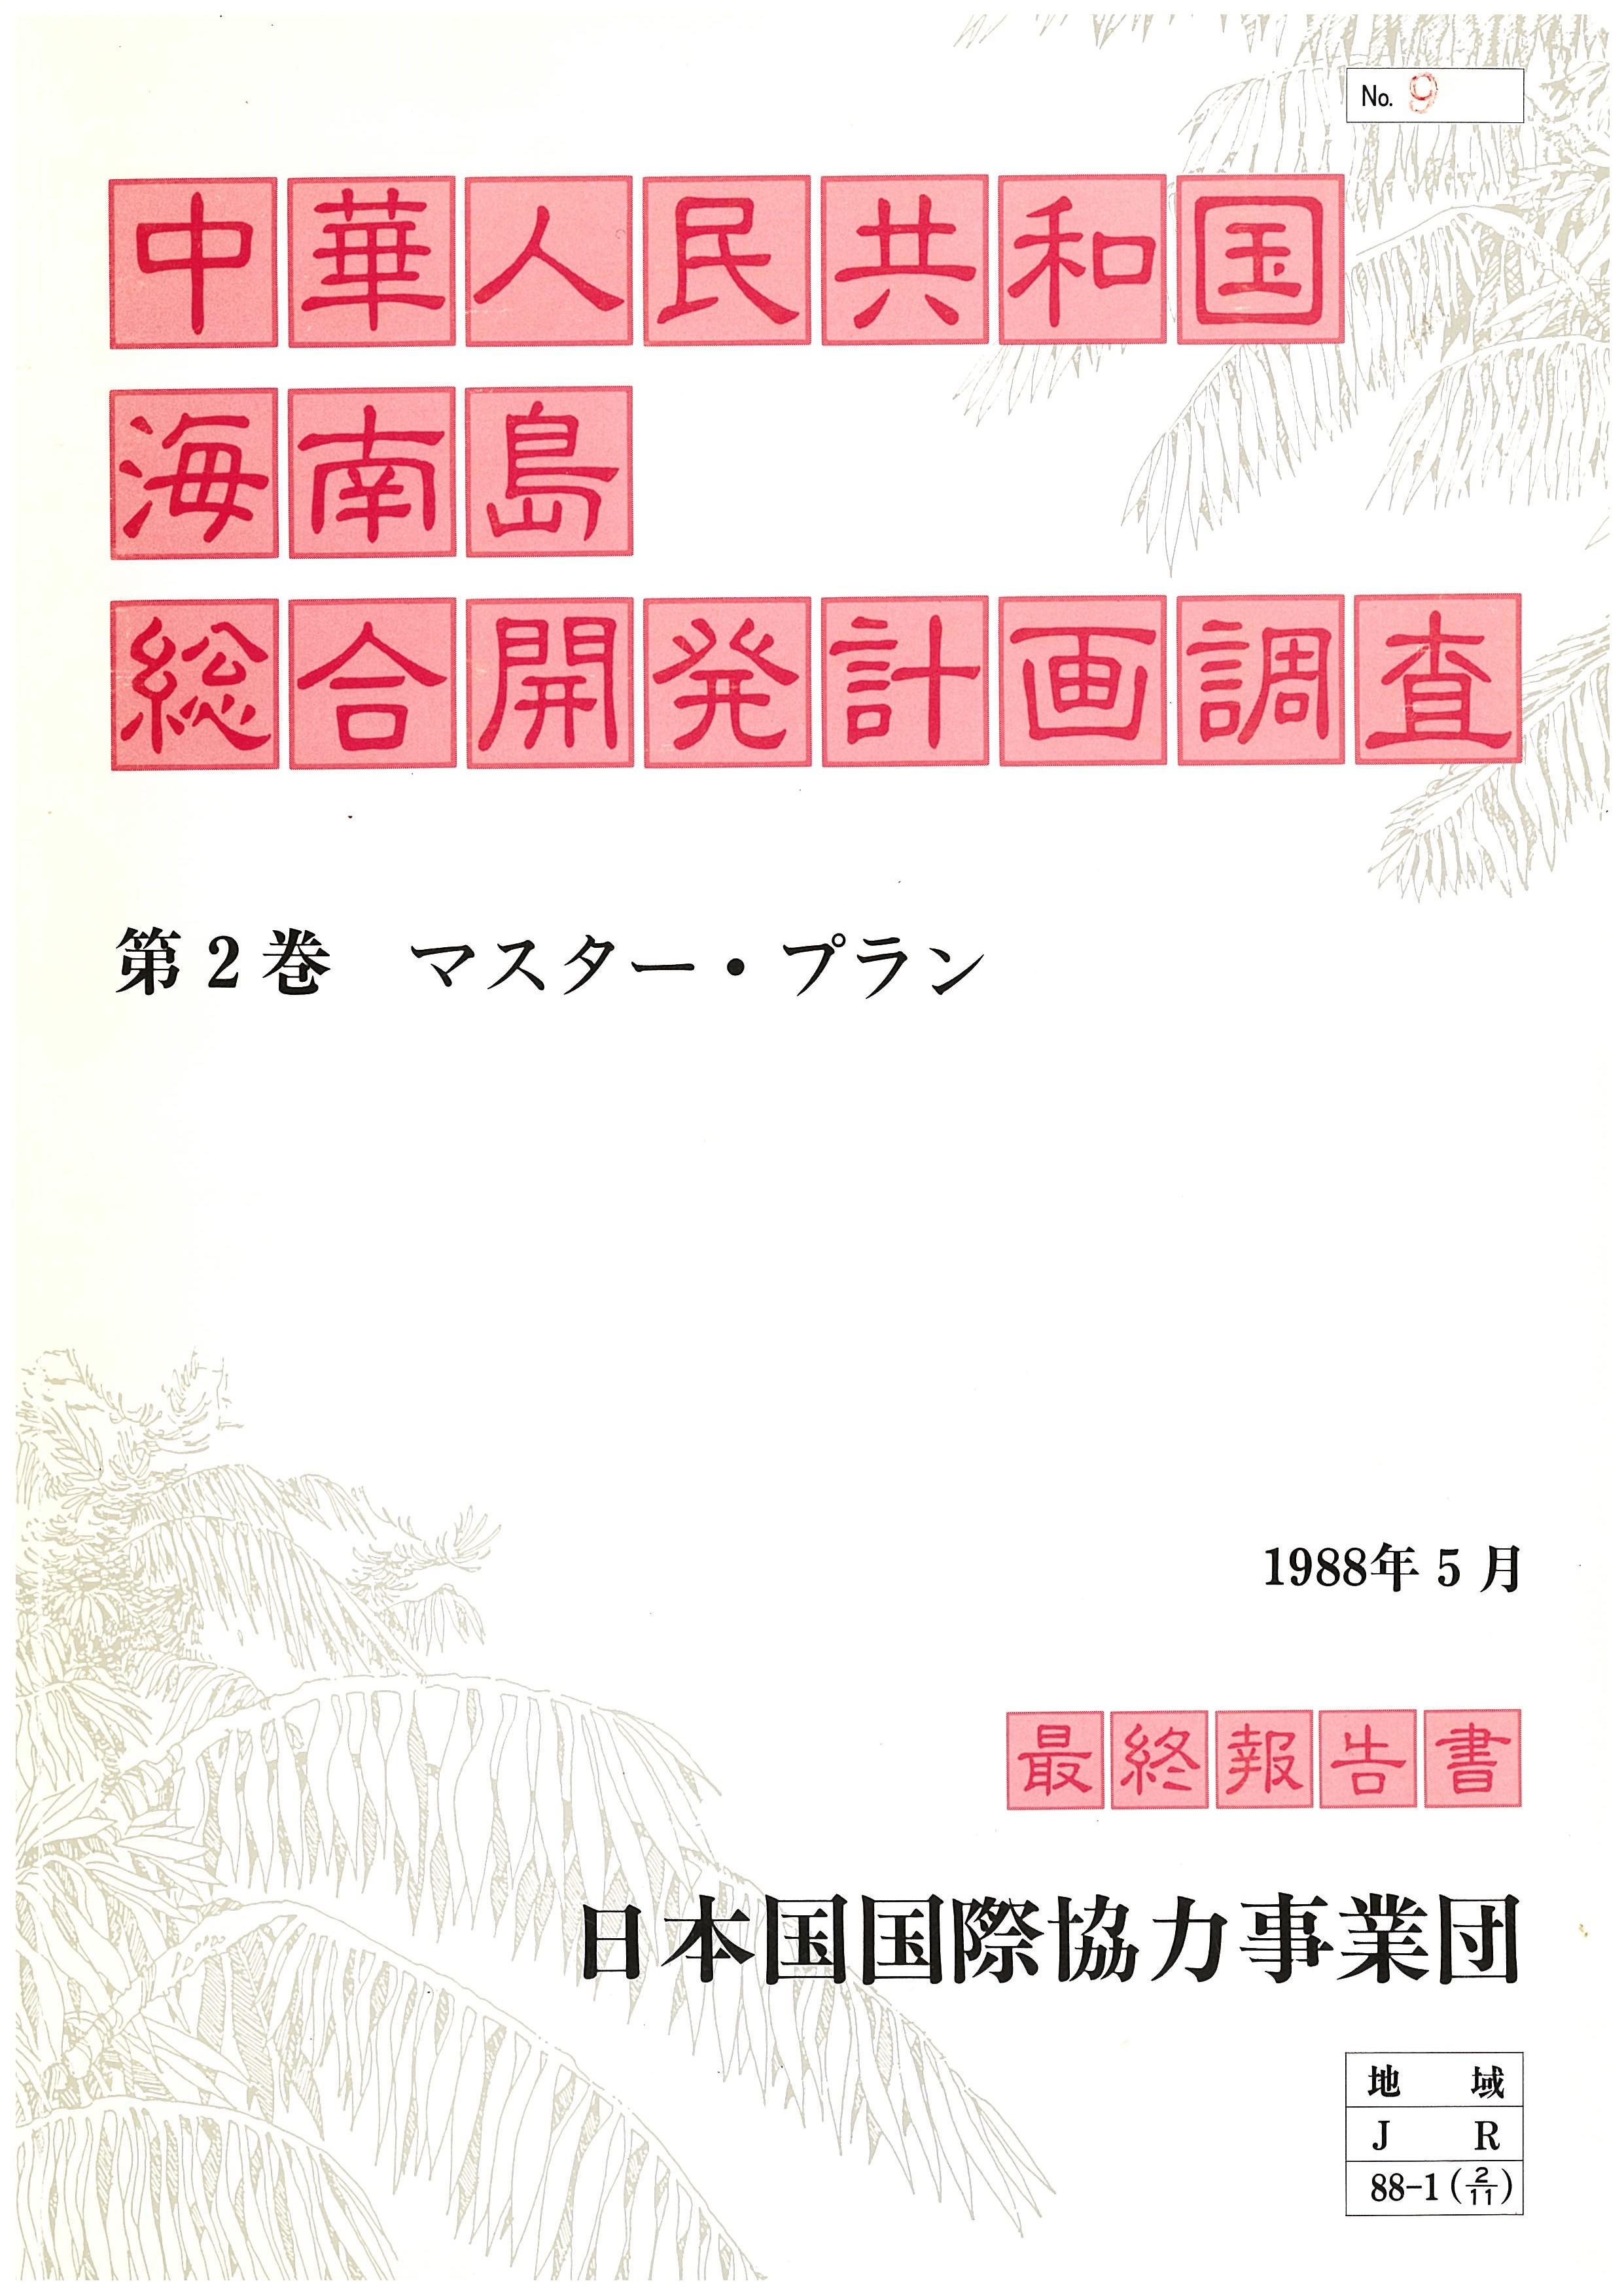 図3 中華人民共和国 海南島 総合開発計画調査、